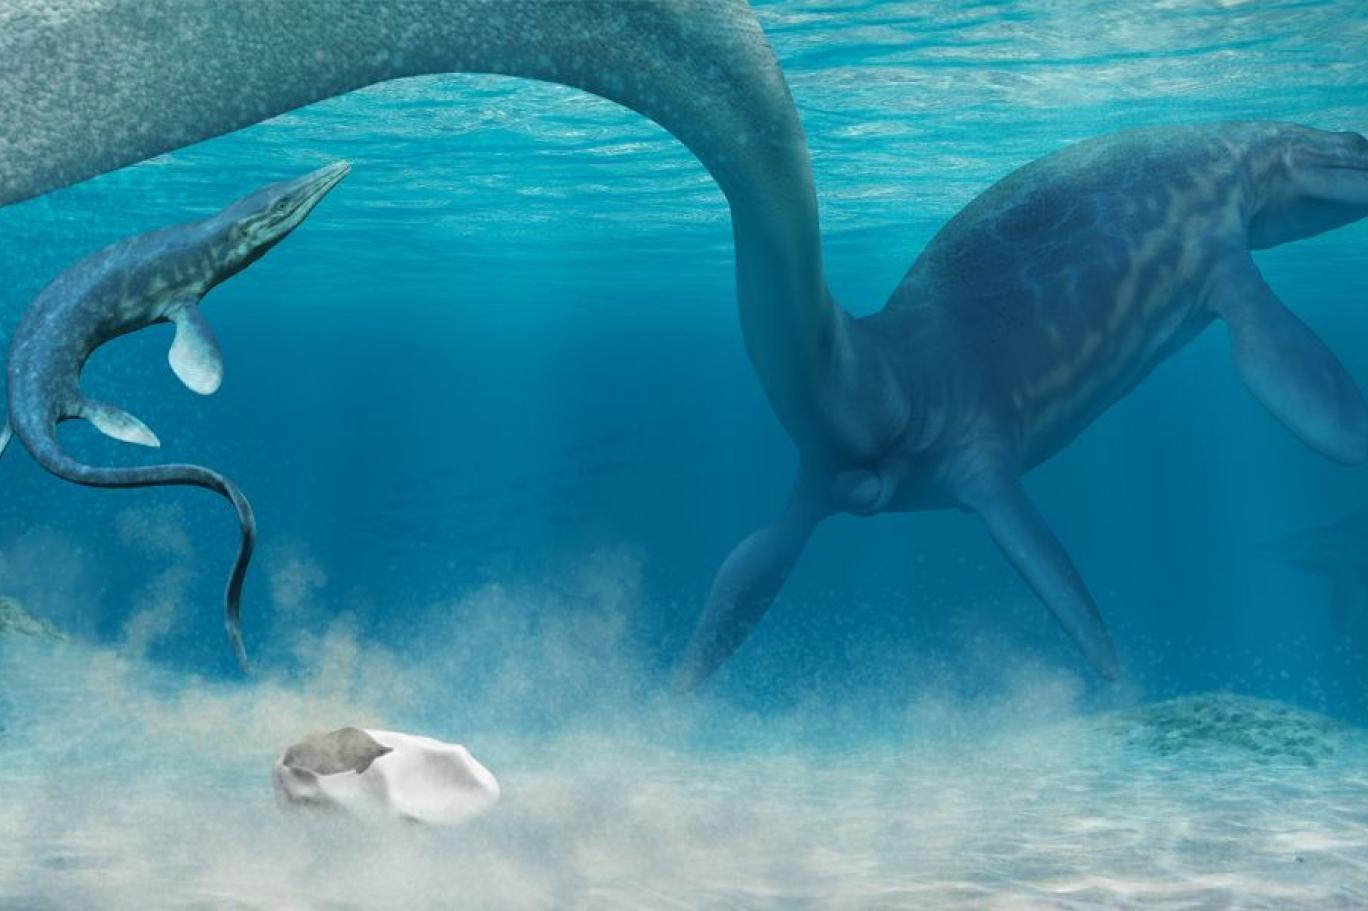 أكبر الزواحف البحرية